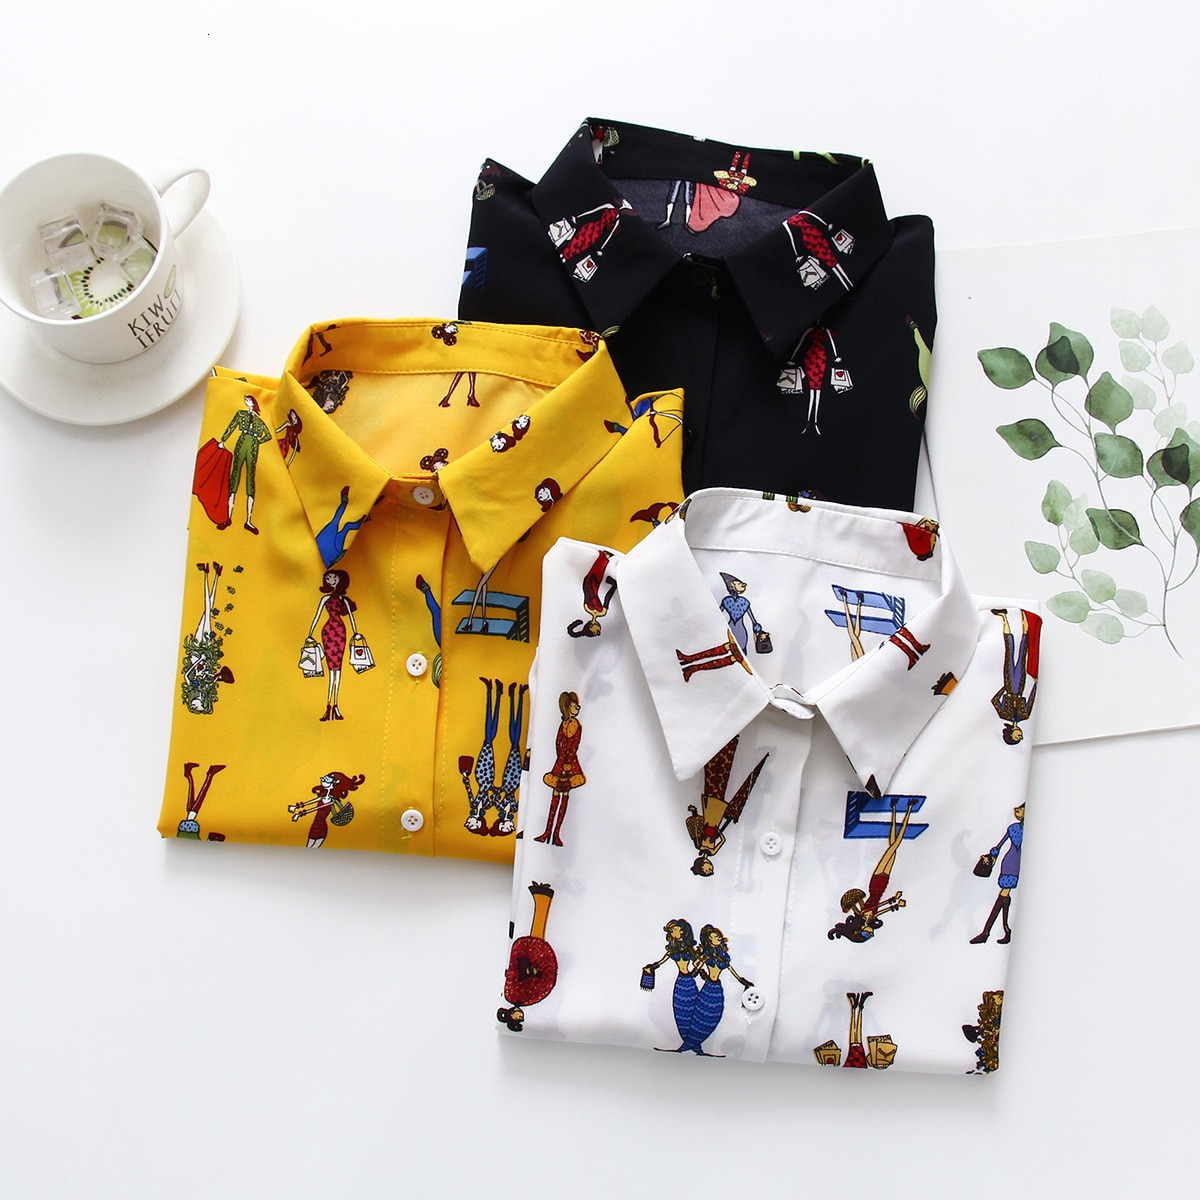 Outono Nova Moda Feminina Manga Comprida de Algodão Solto Tops Blusas Camisas Casuais Camisa Estampa Floral Blusa